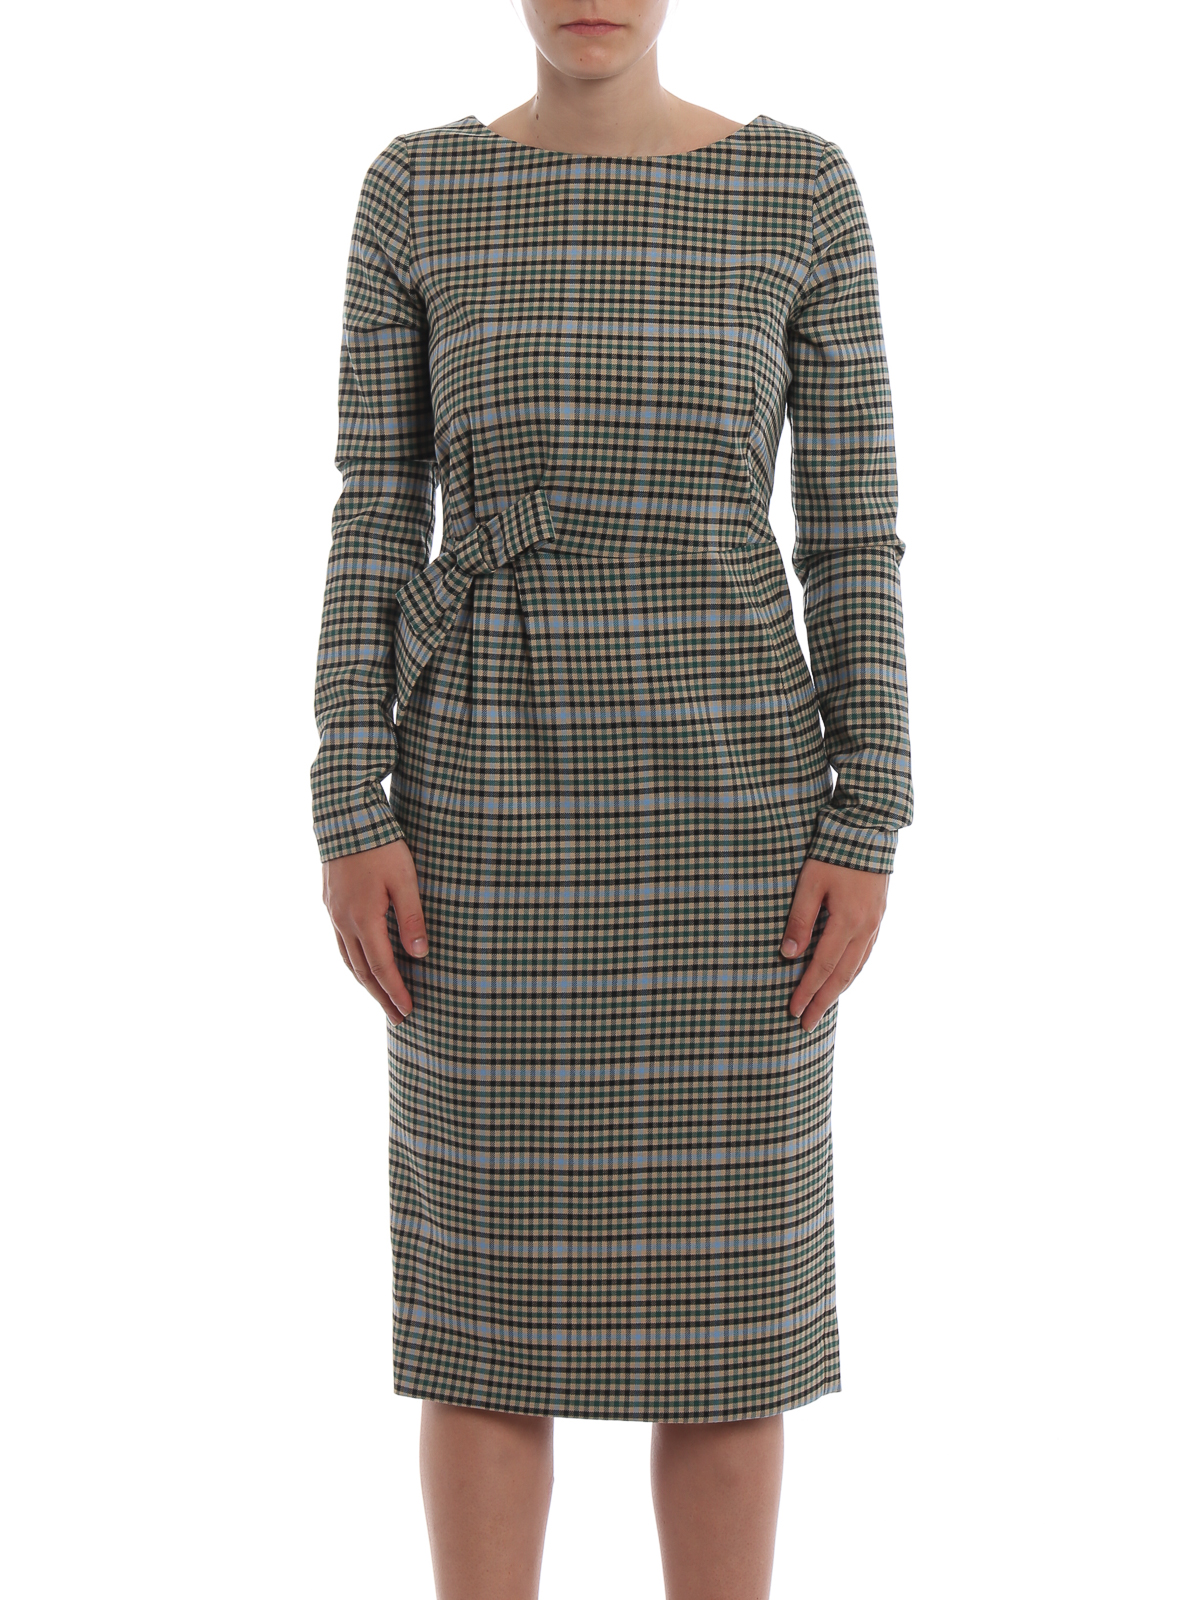 Loquadro Sleeve o Dress Long Check s Wool r Knee h a P Midi RwzqCXC